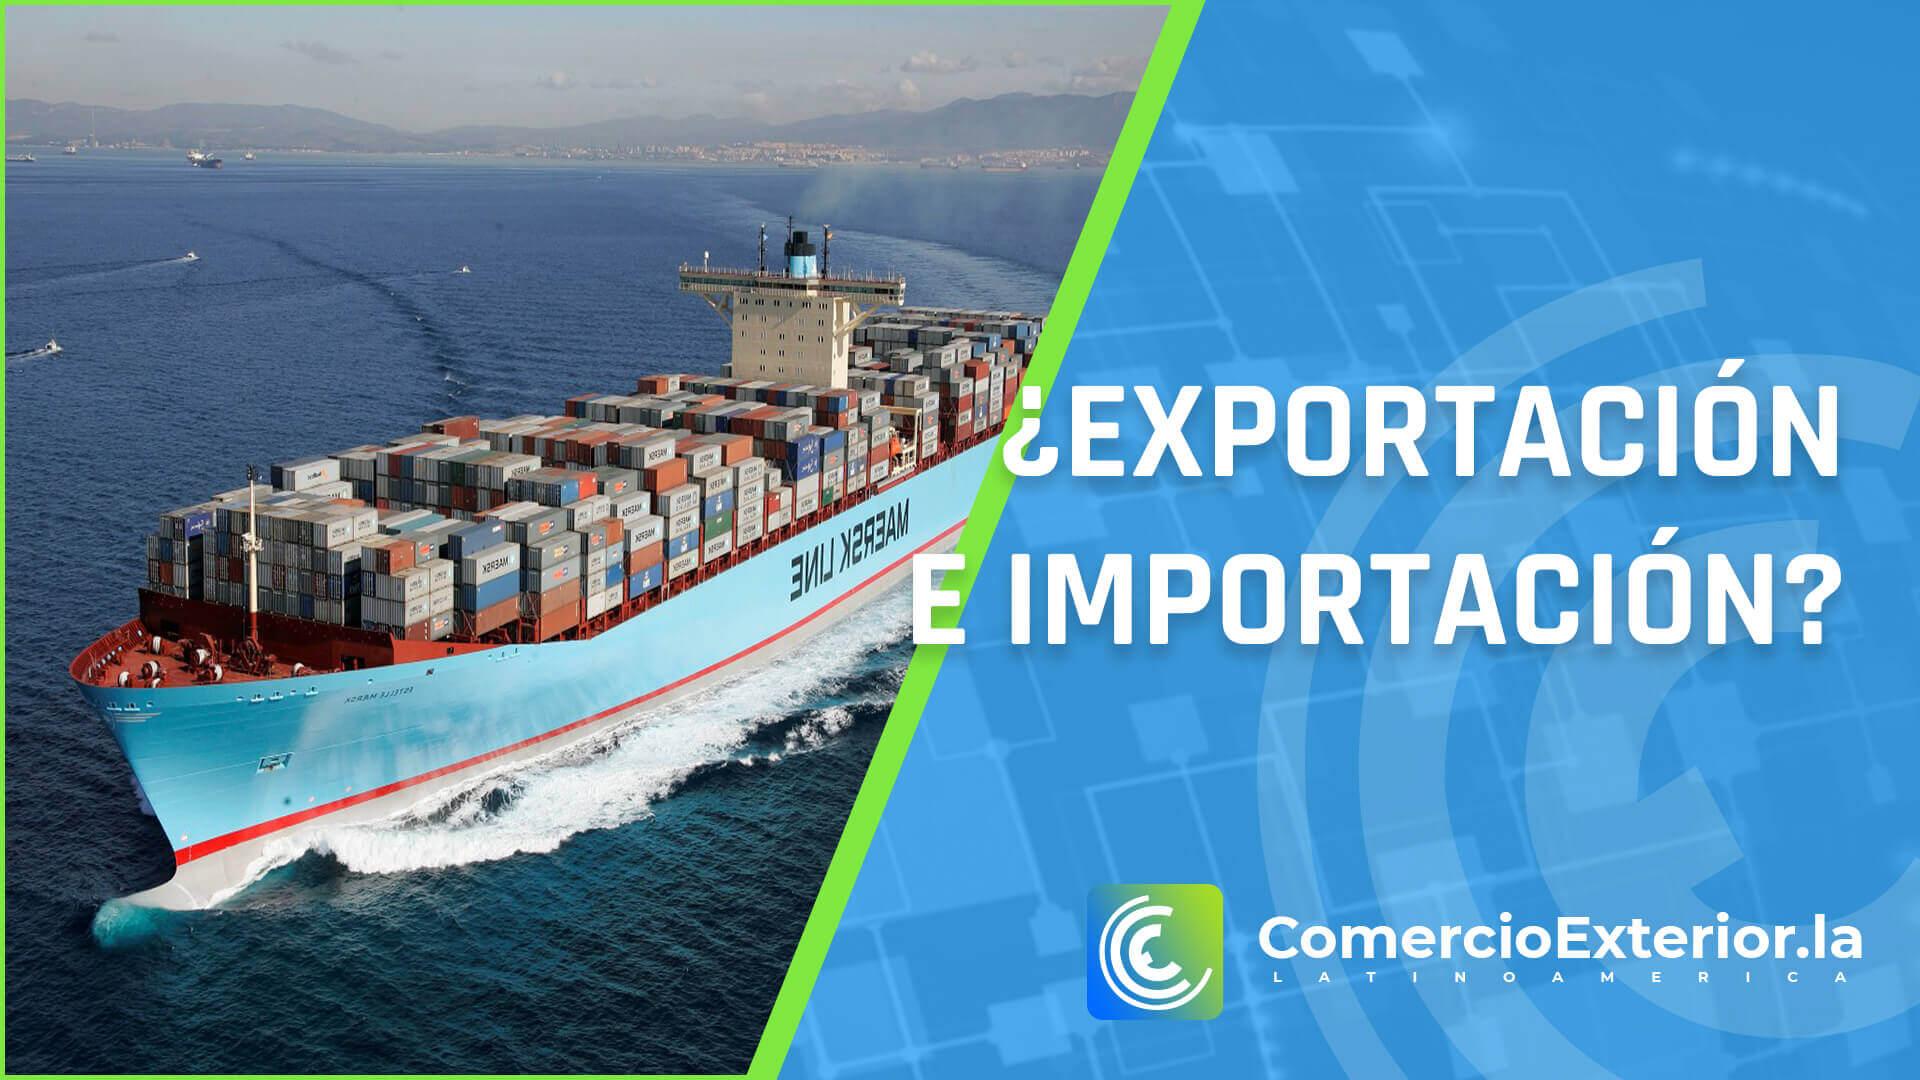 que es exportacion e importacion